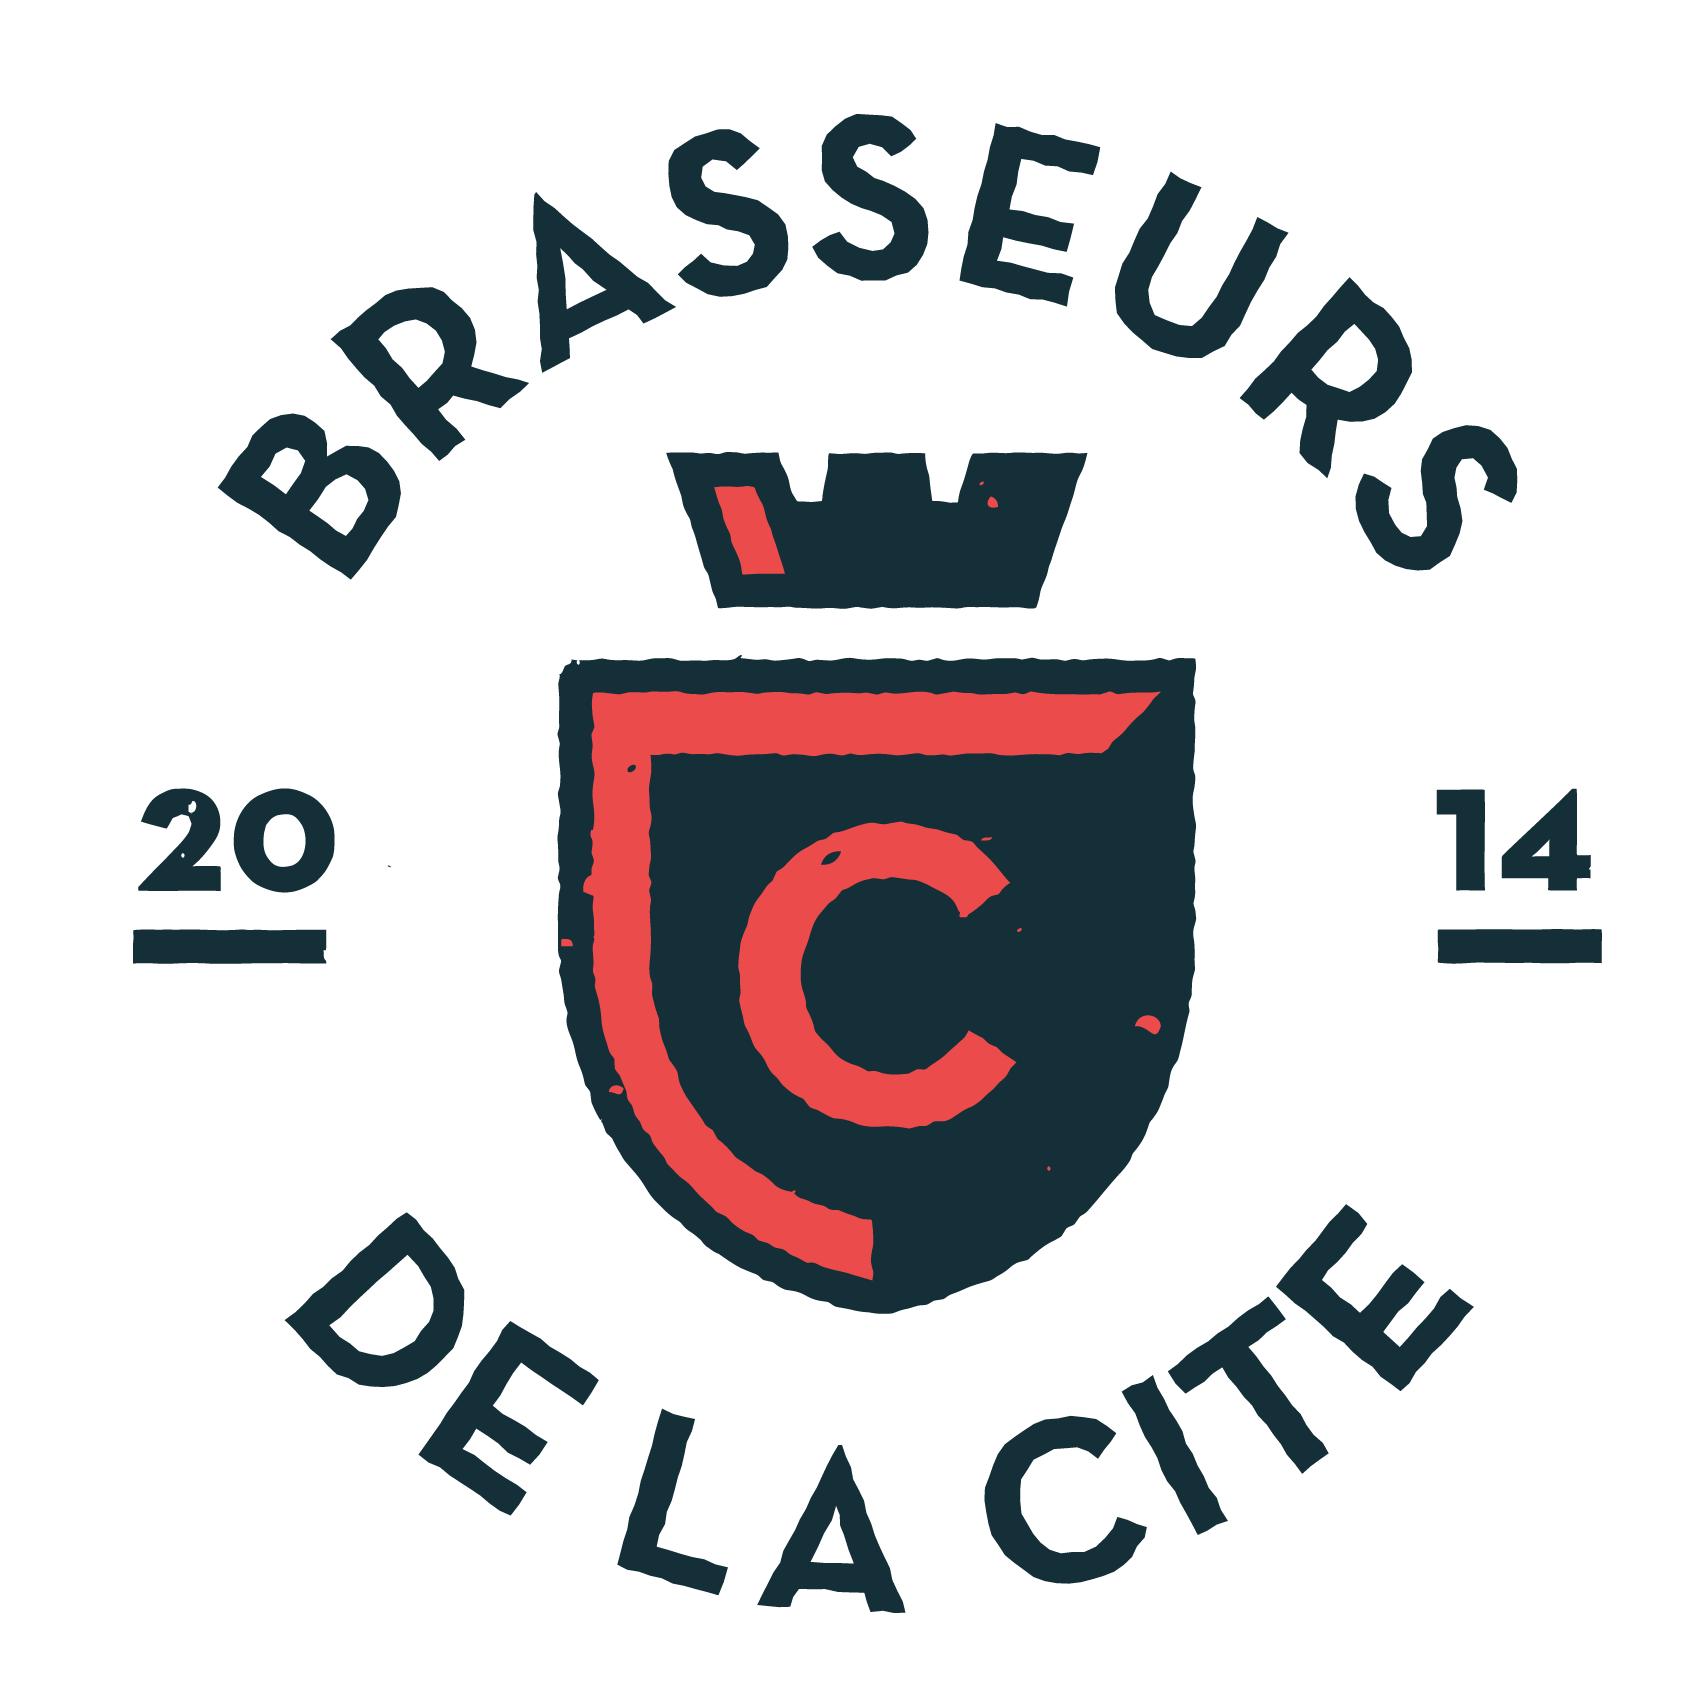 Brasserie de la Cité